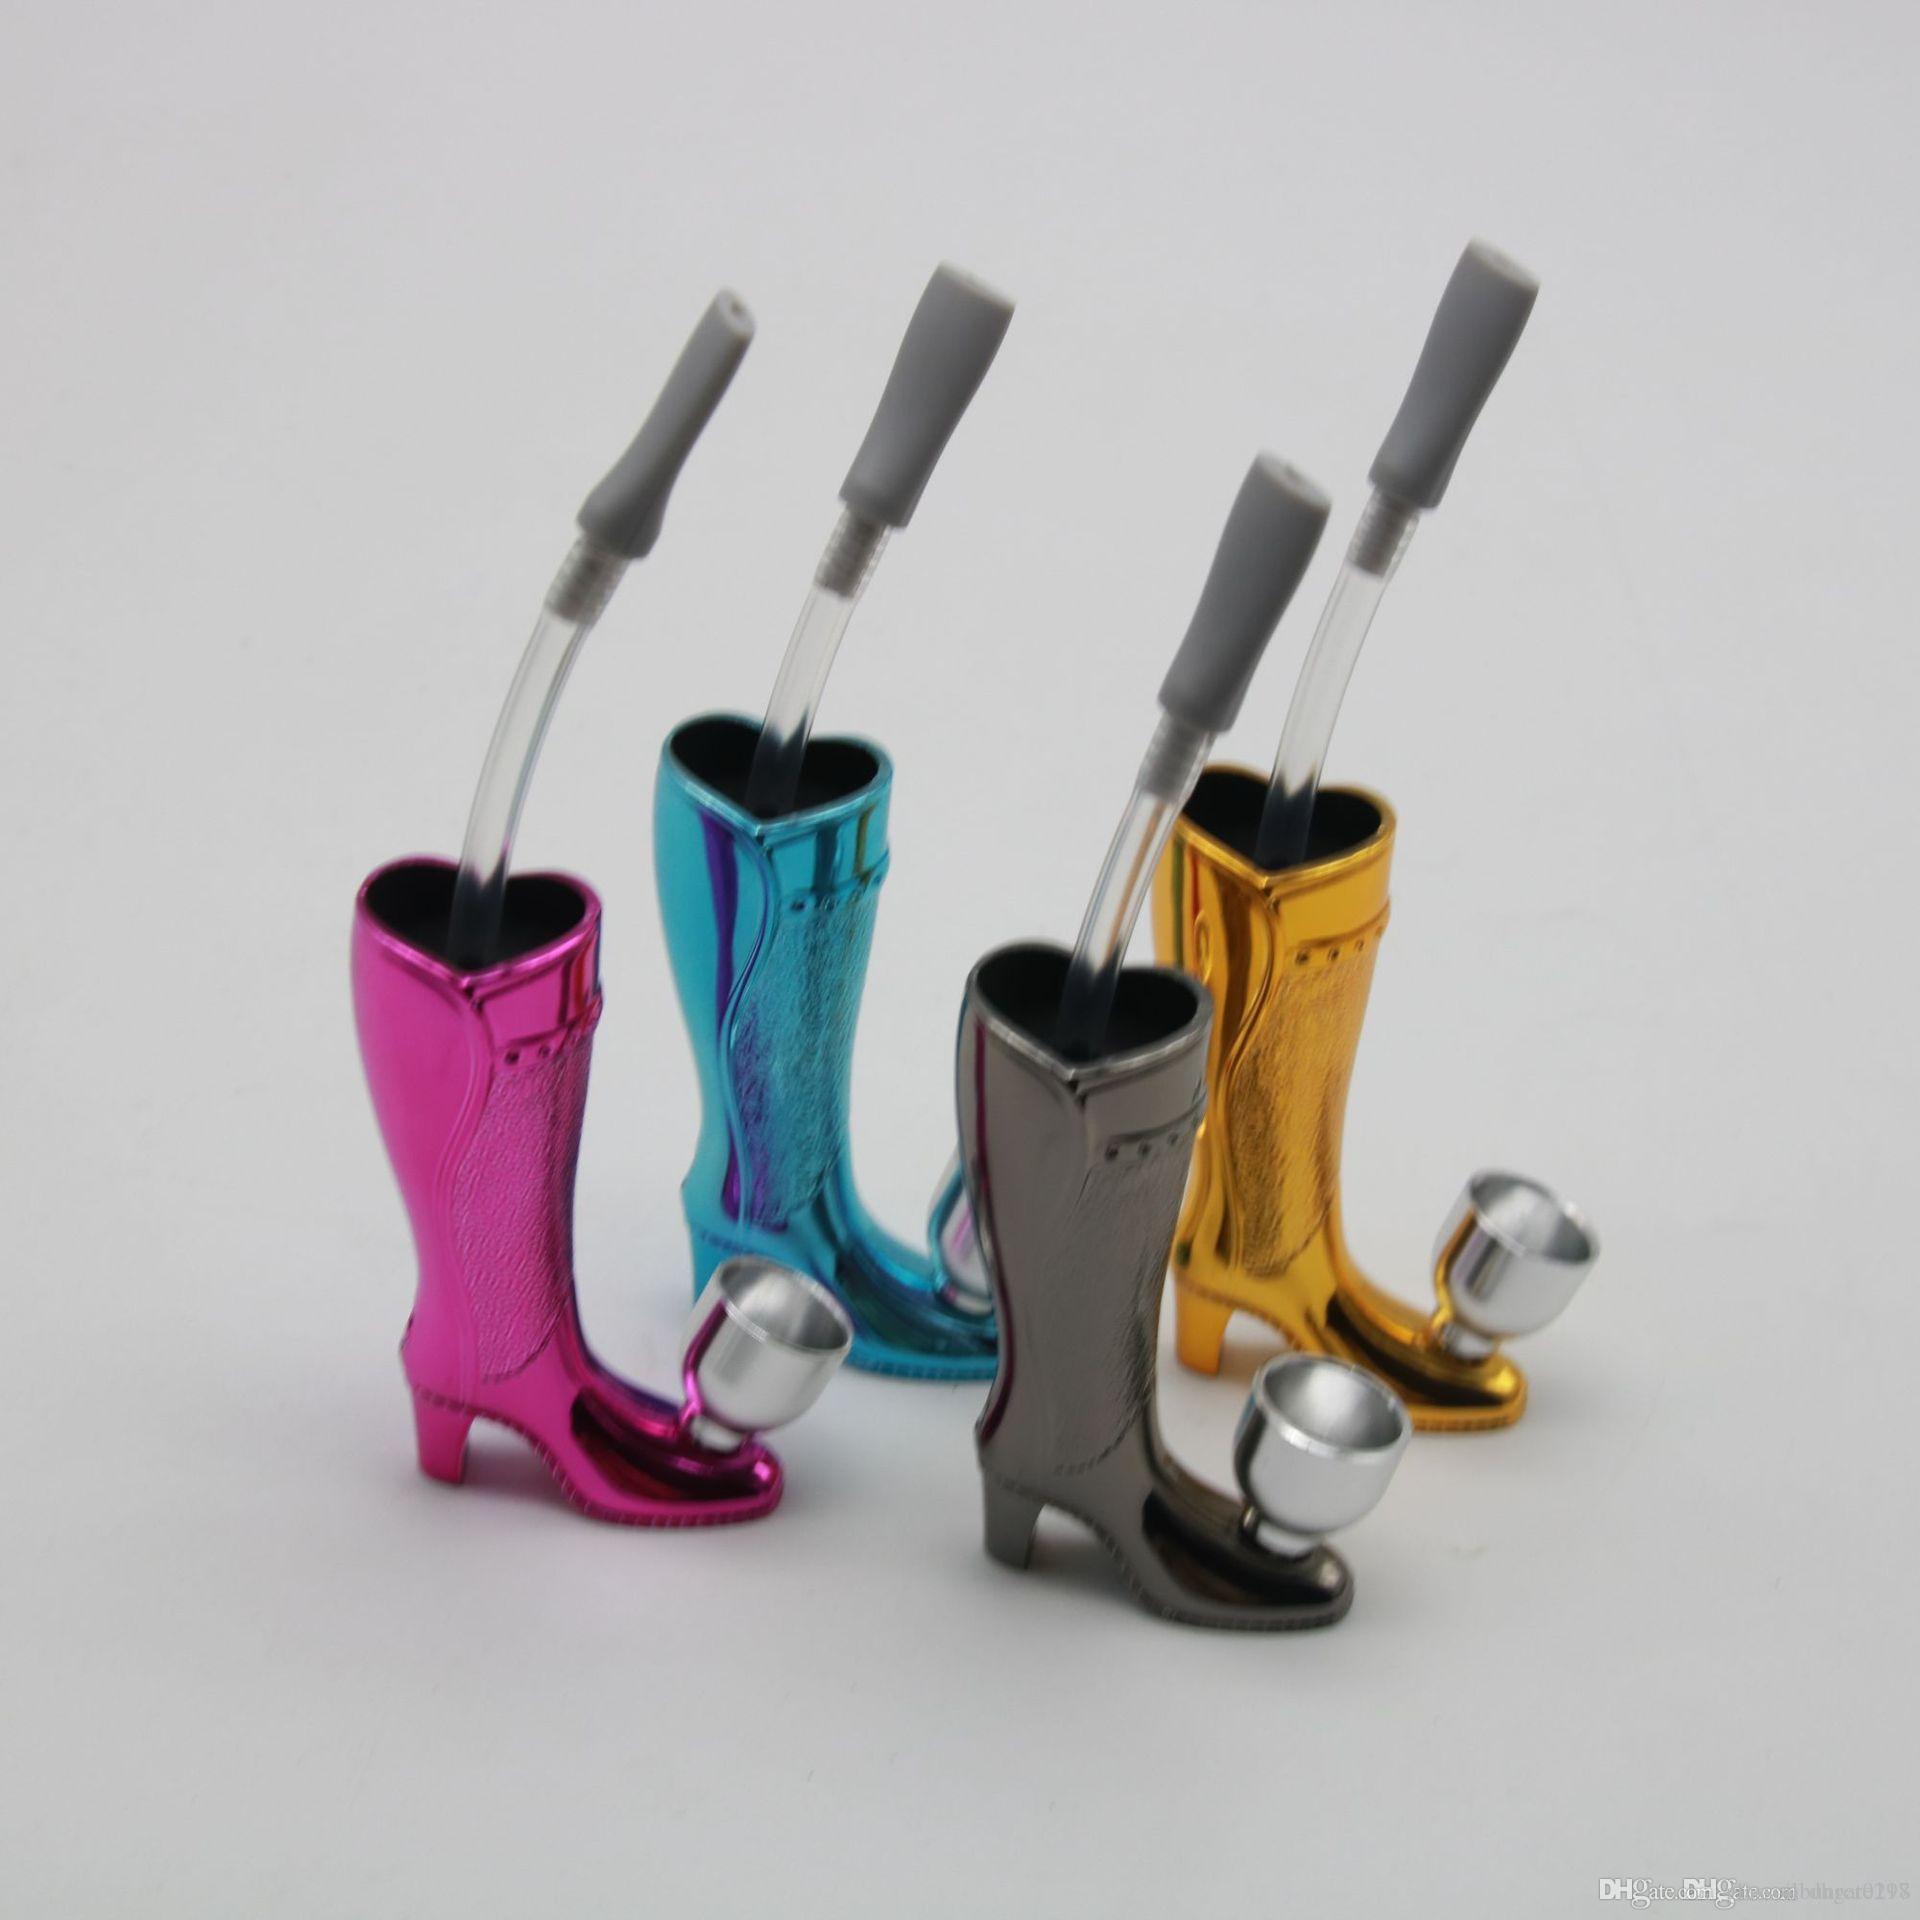 sigara boru bong renkli protable ucuz Yüksek topuklar pipo alüminyum plastik yaratıcı nargile su tütün